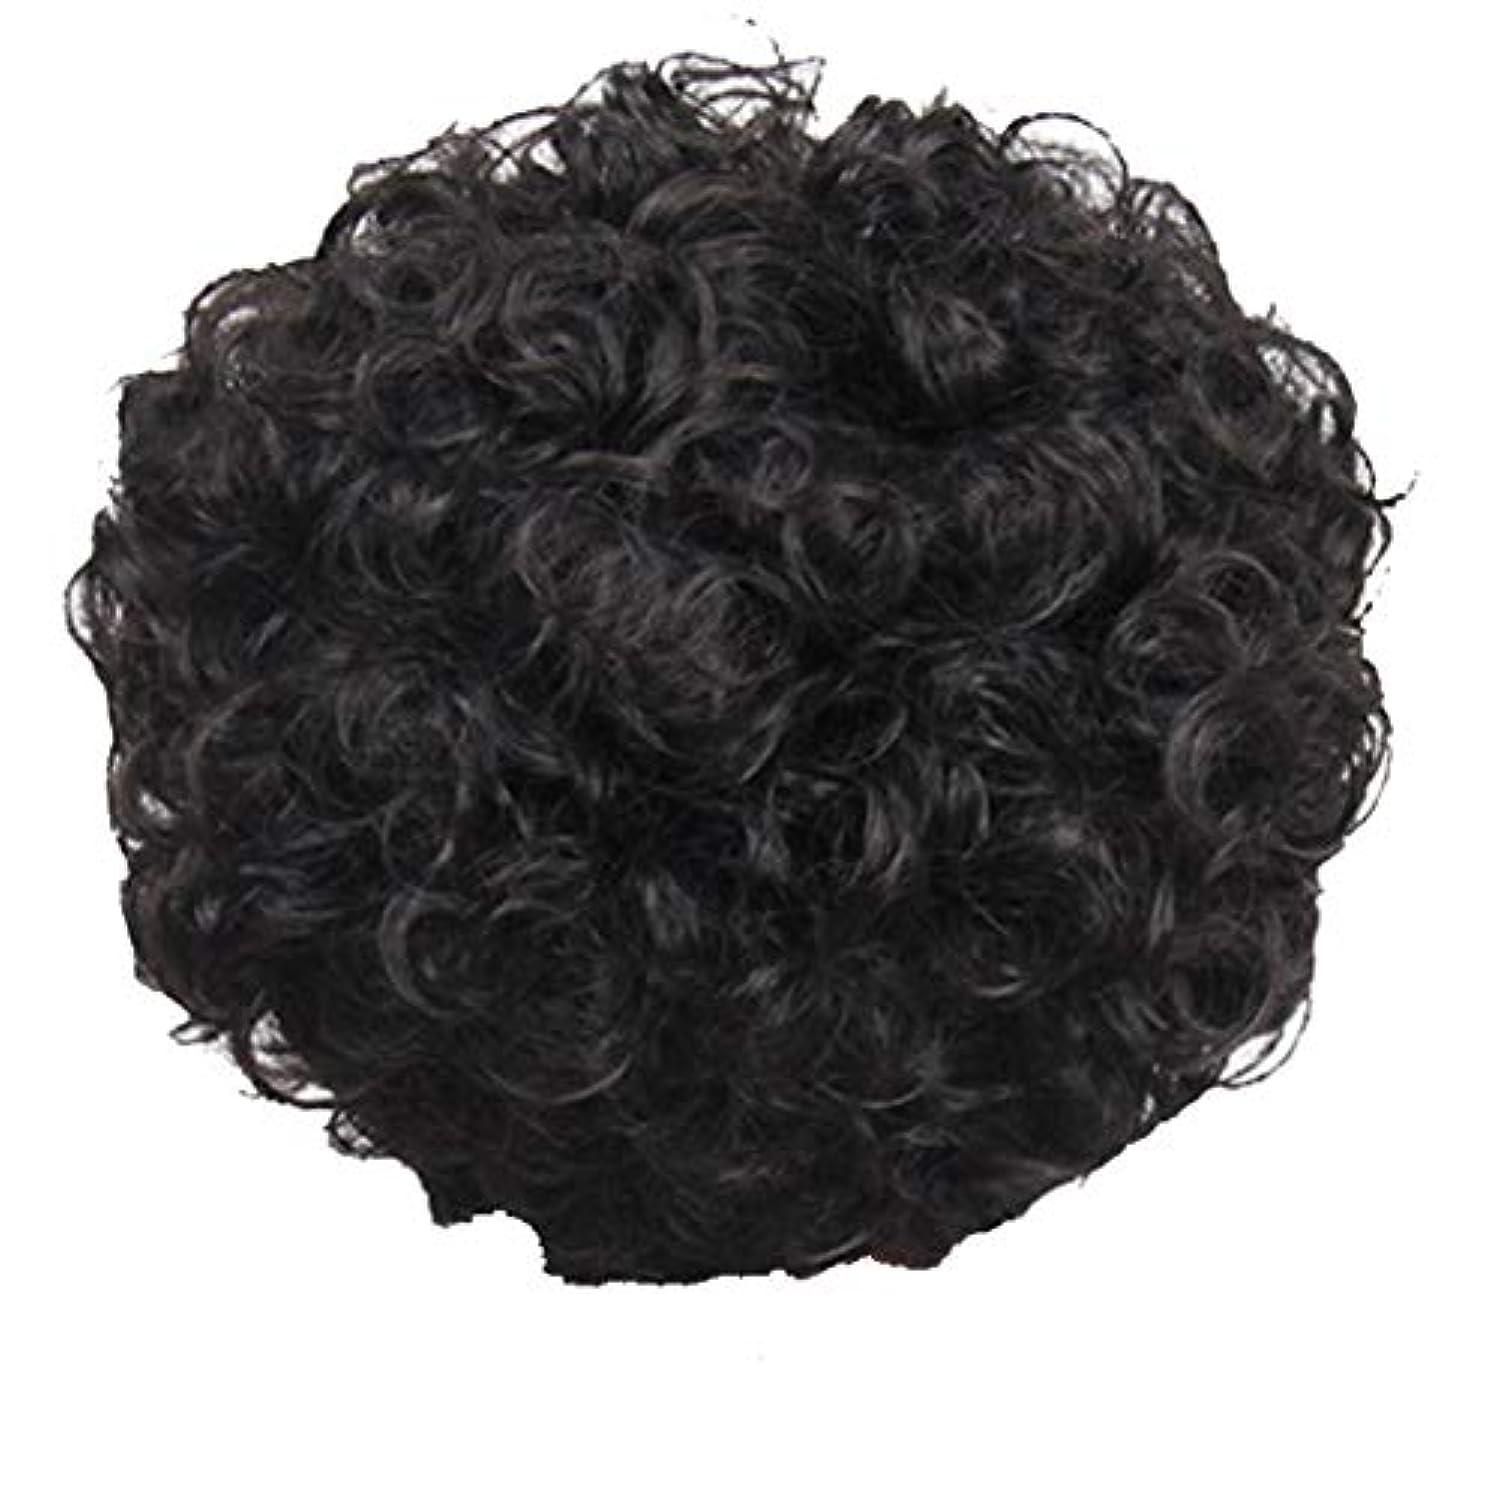 説明的ペネロペセンブランスかつら、女性、短い髪、巻き毛、かつら、エルフカット、かつらキャップ、27cm